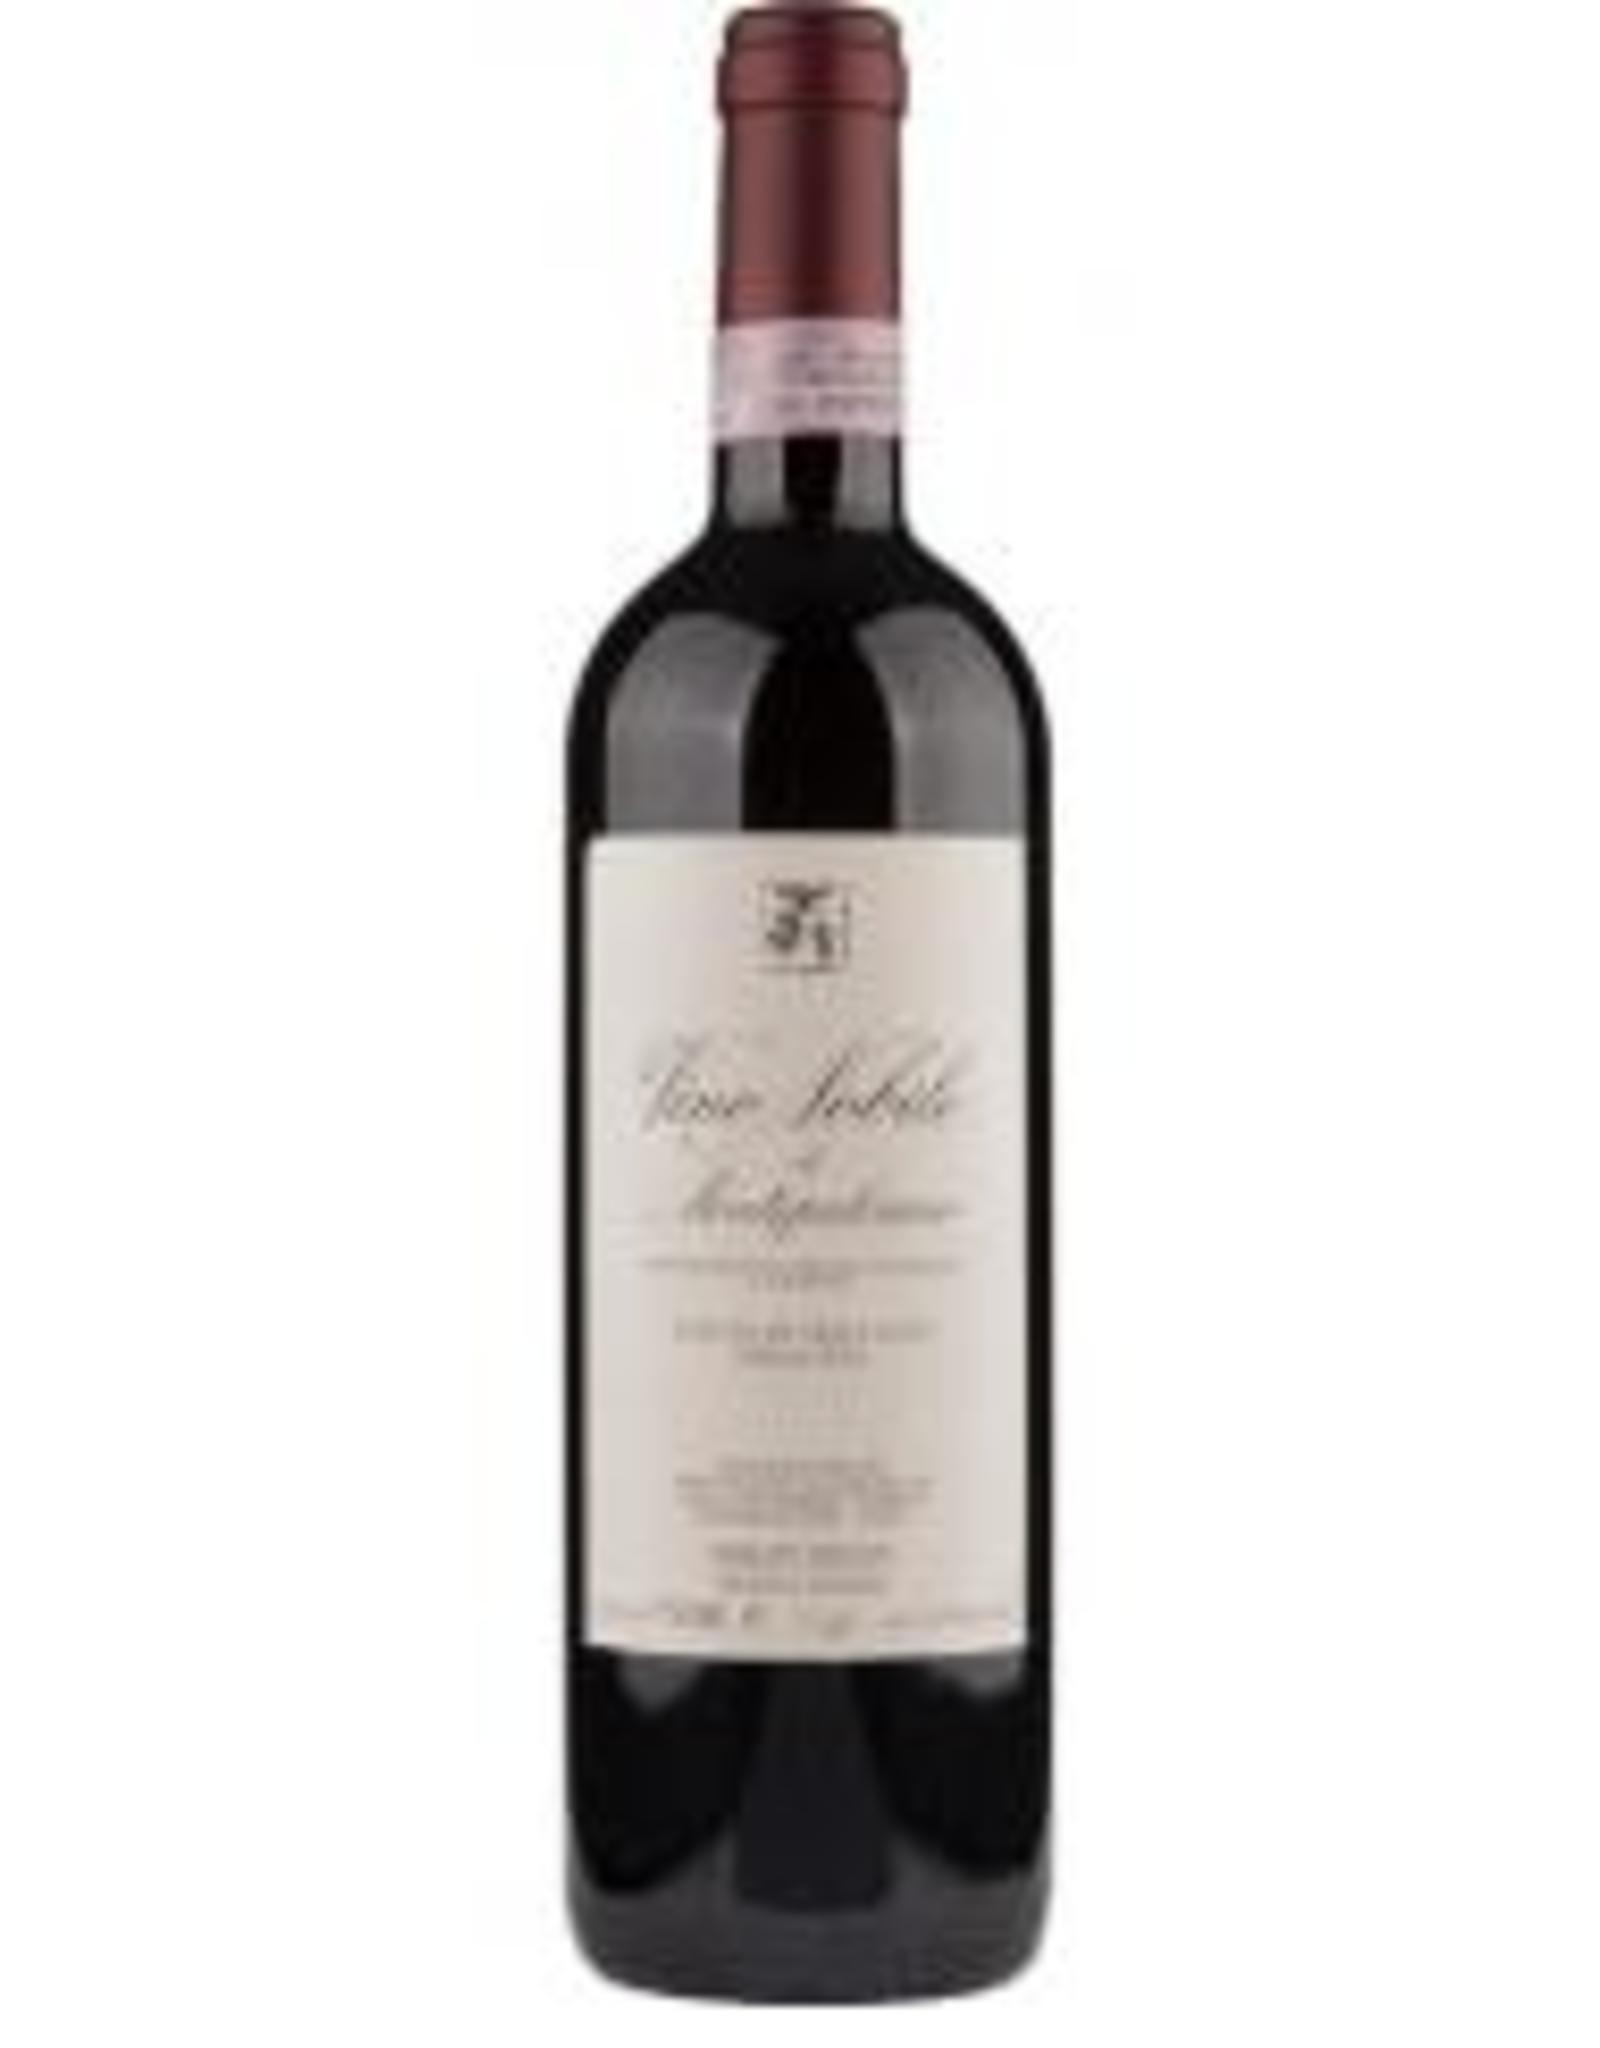 Built Tenute di Gracciano Vino Nobile di Montepulciano 2015